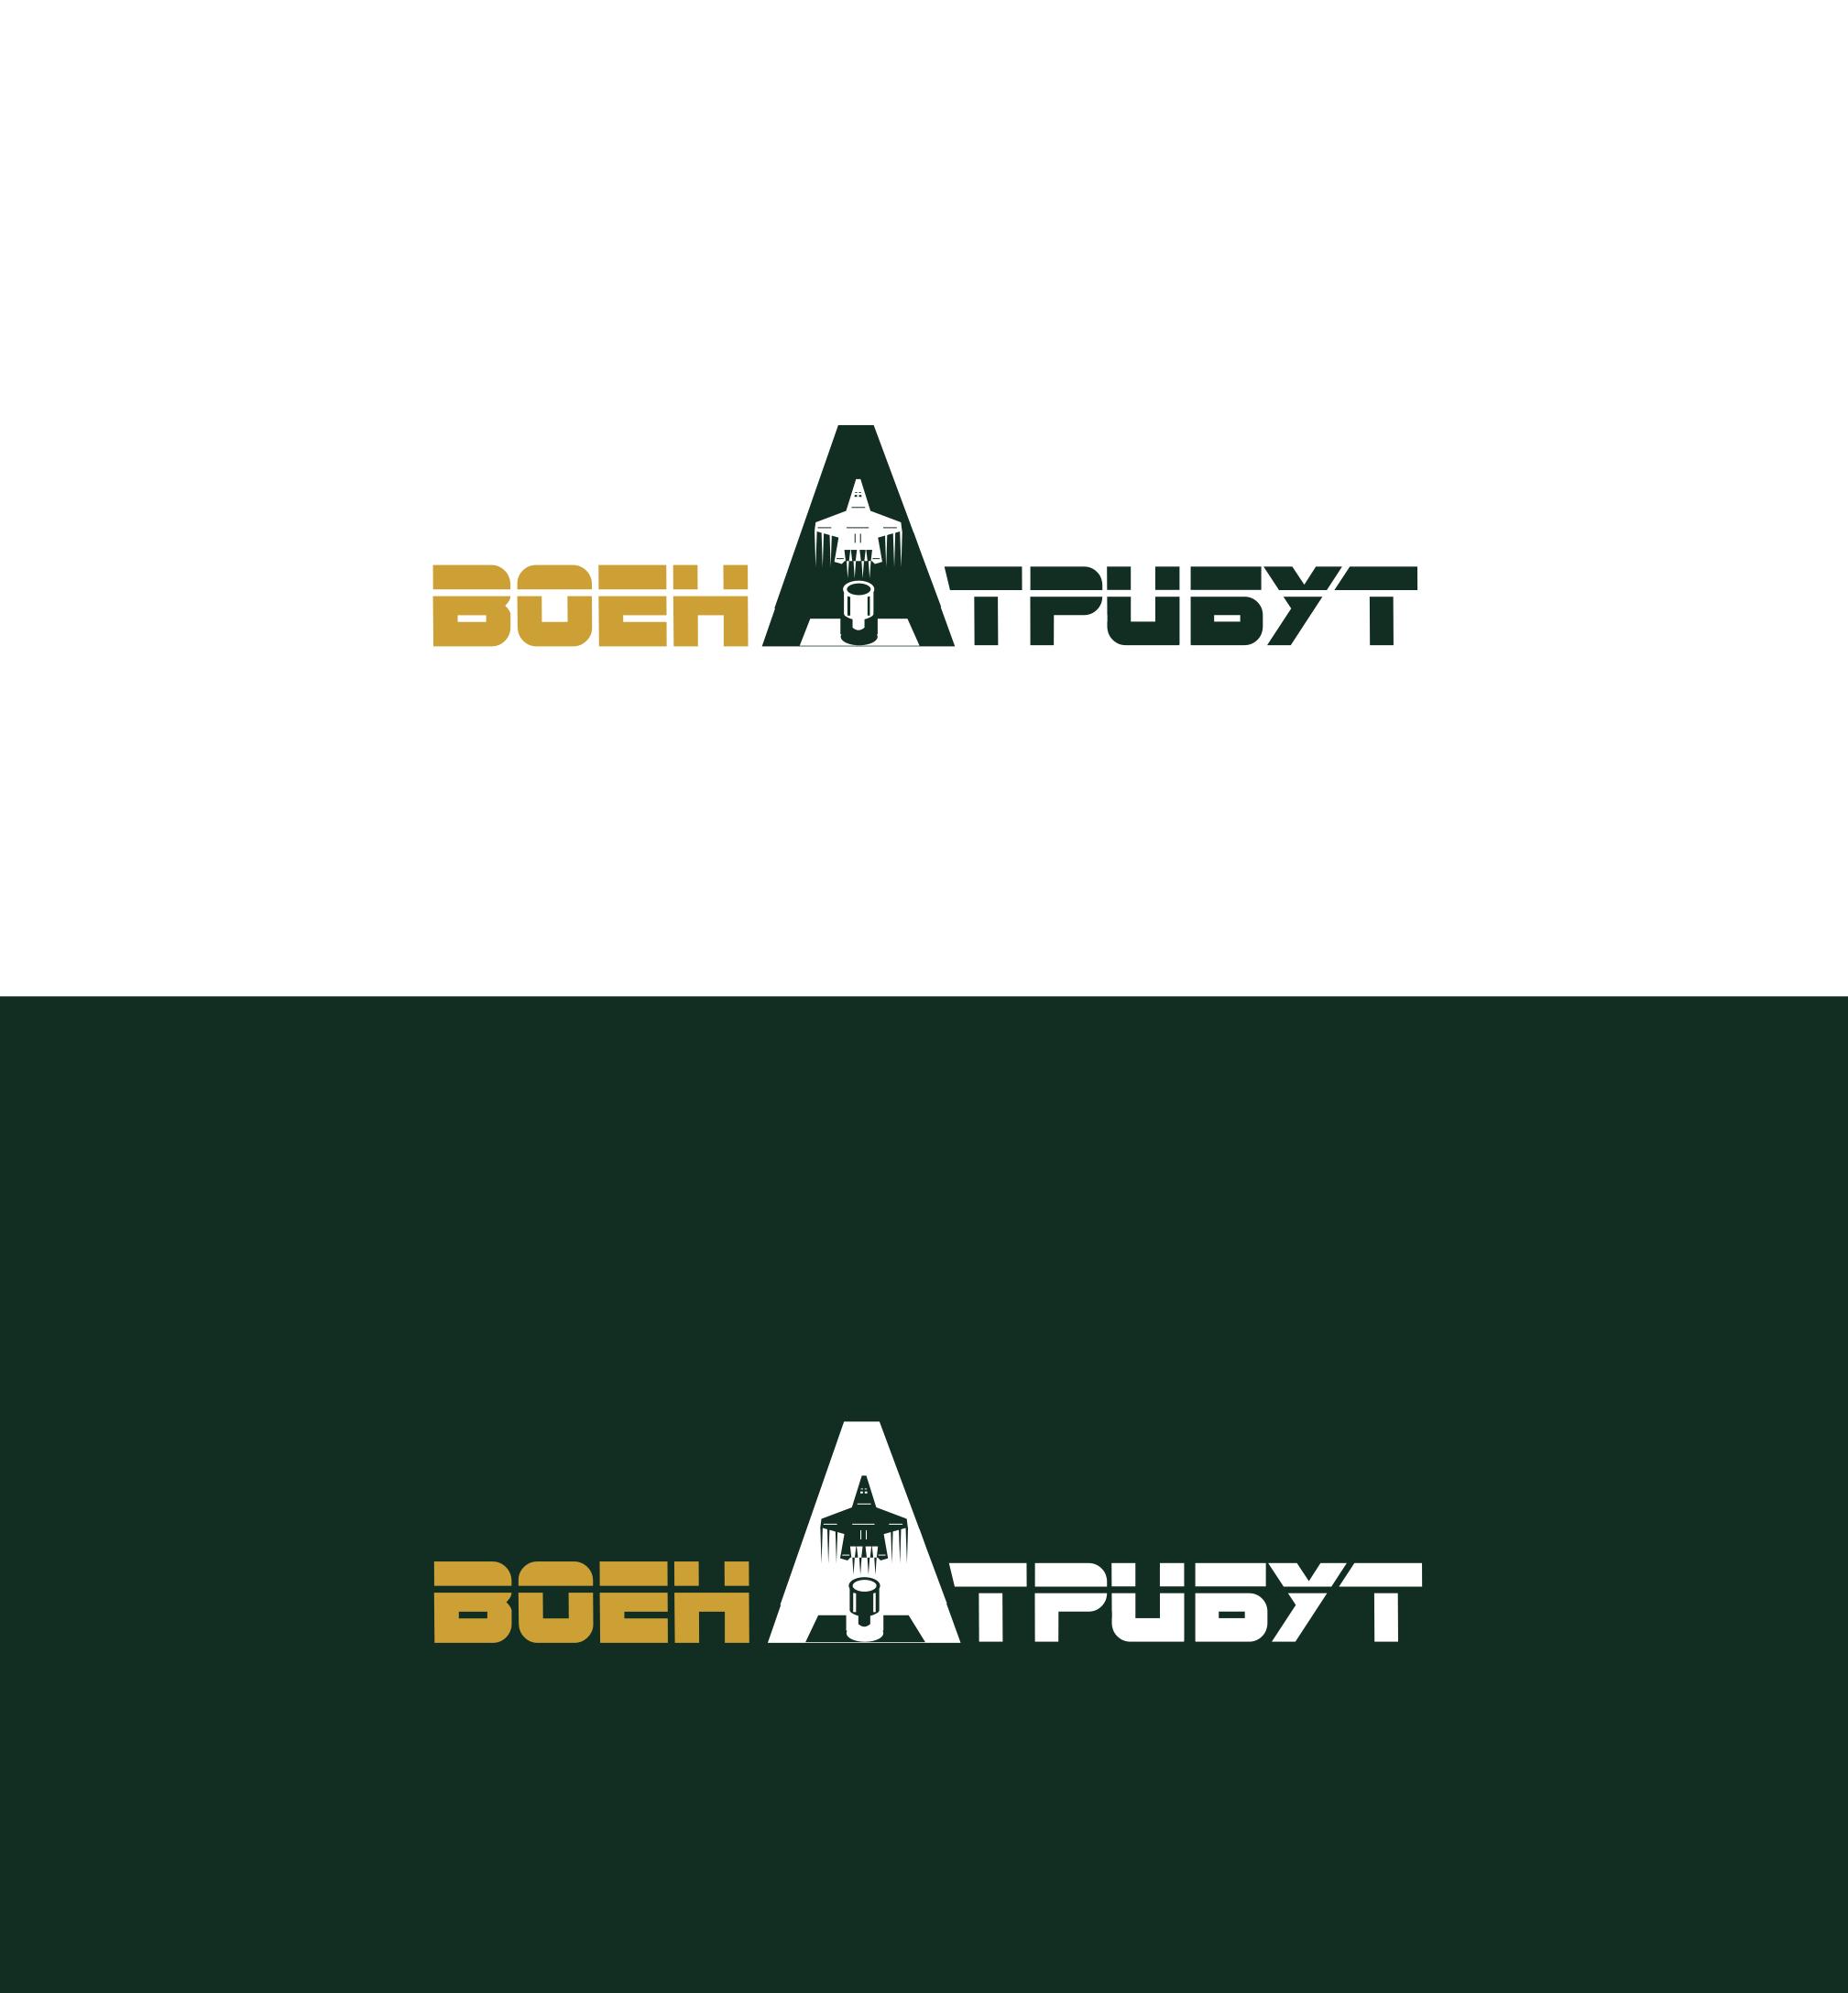 Разработка логотипа для компании военной тематики фото f_252602307ca0337b.png